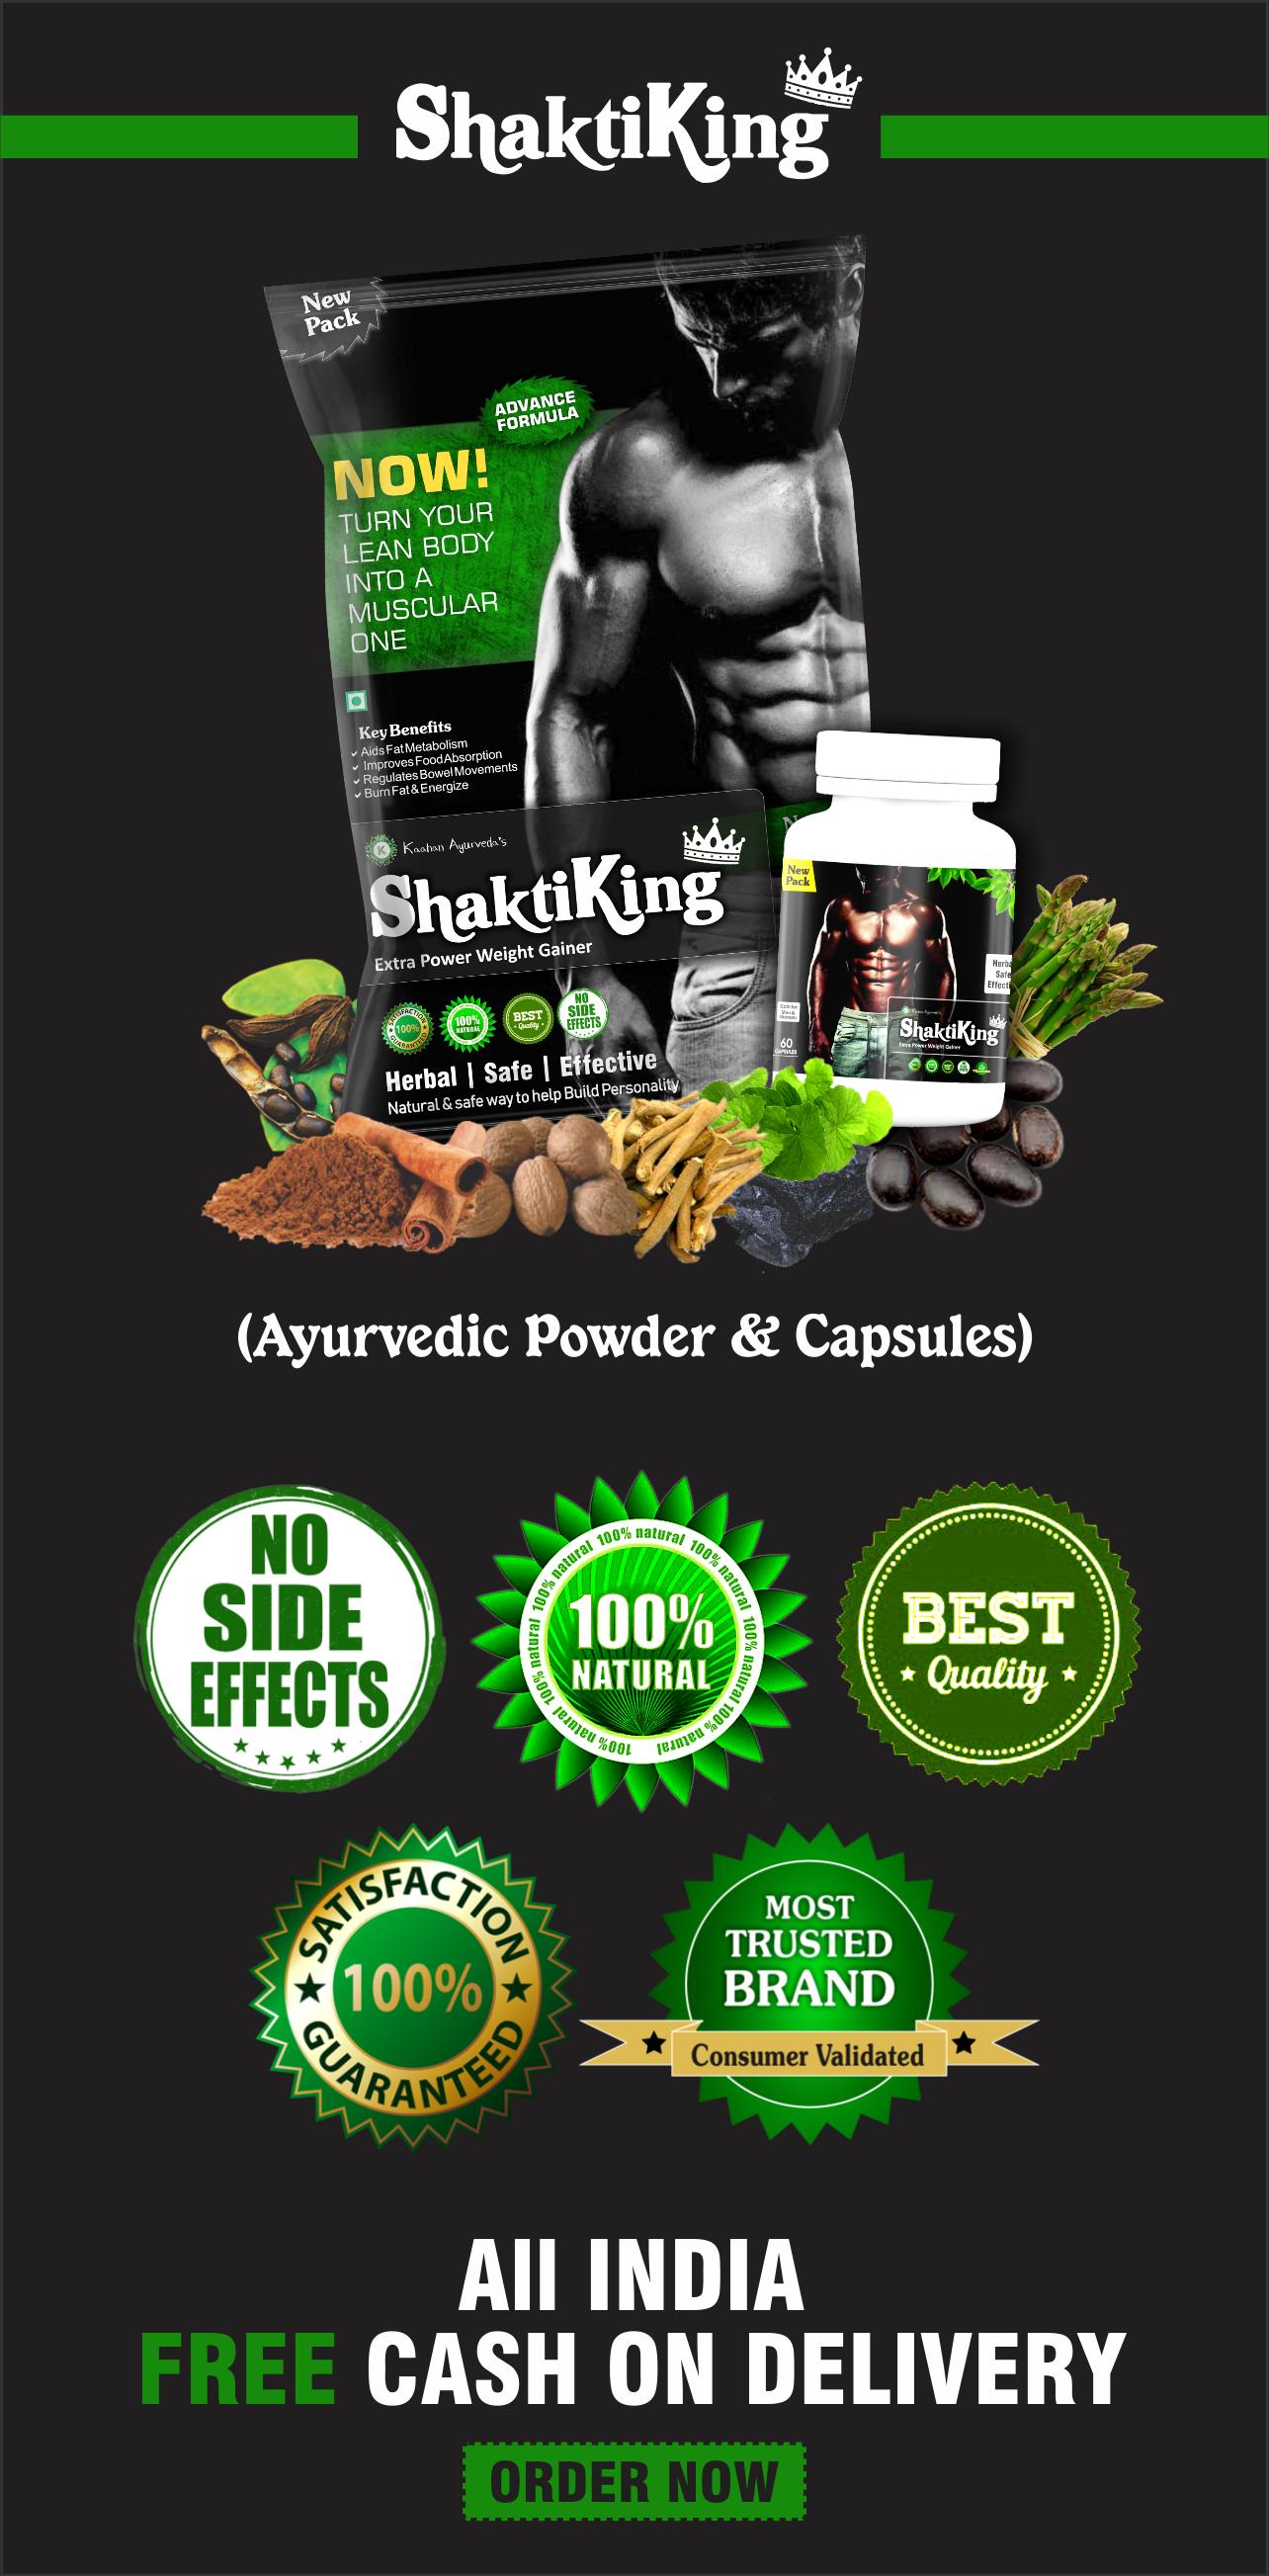 shakti king banner image